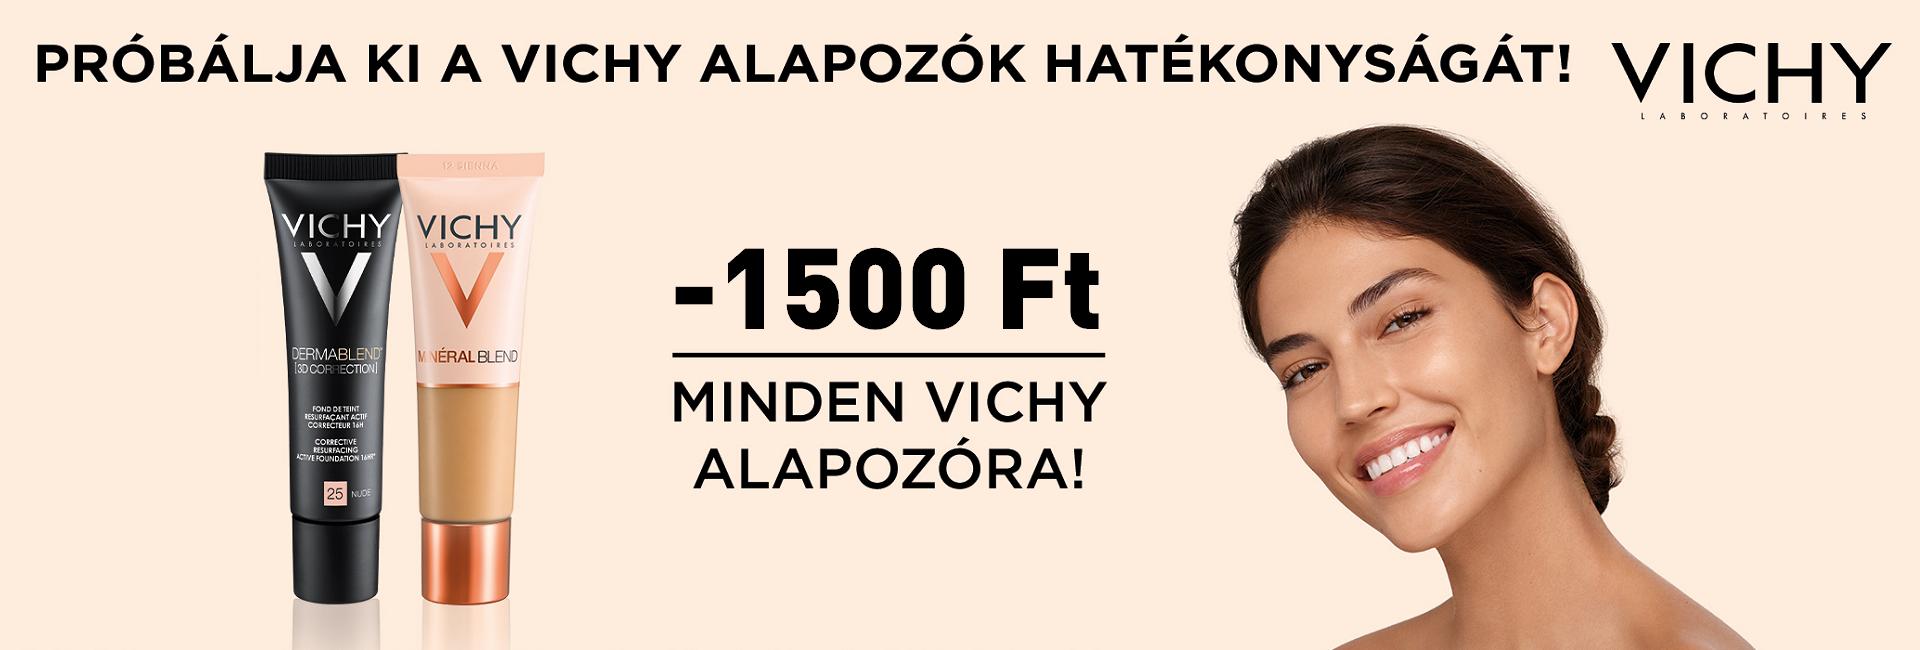 2021. szeptember 14-19. között 1500 Ft kedvezményt adunk a Vichy alapozókra!